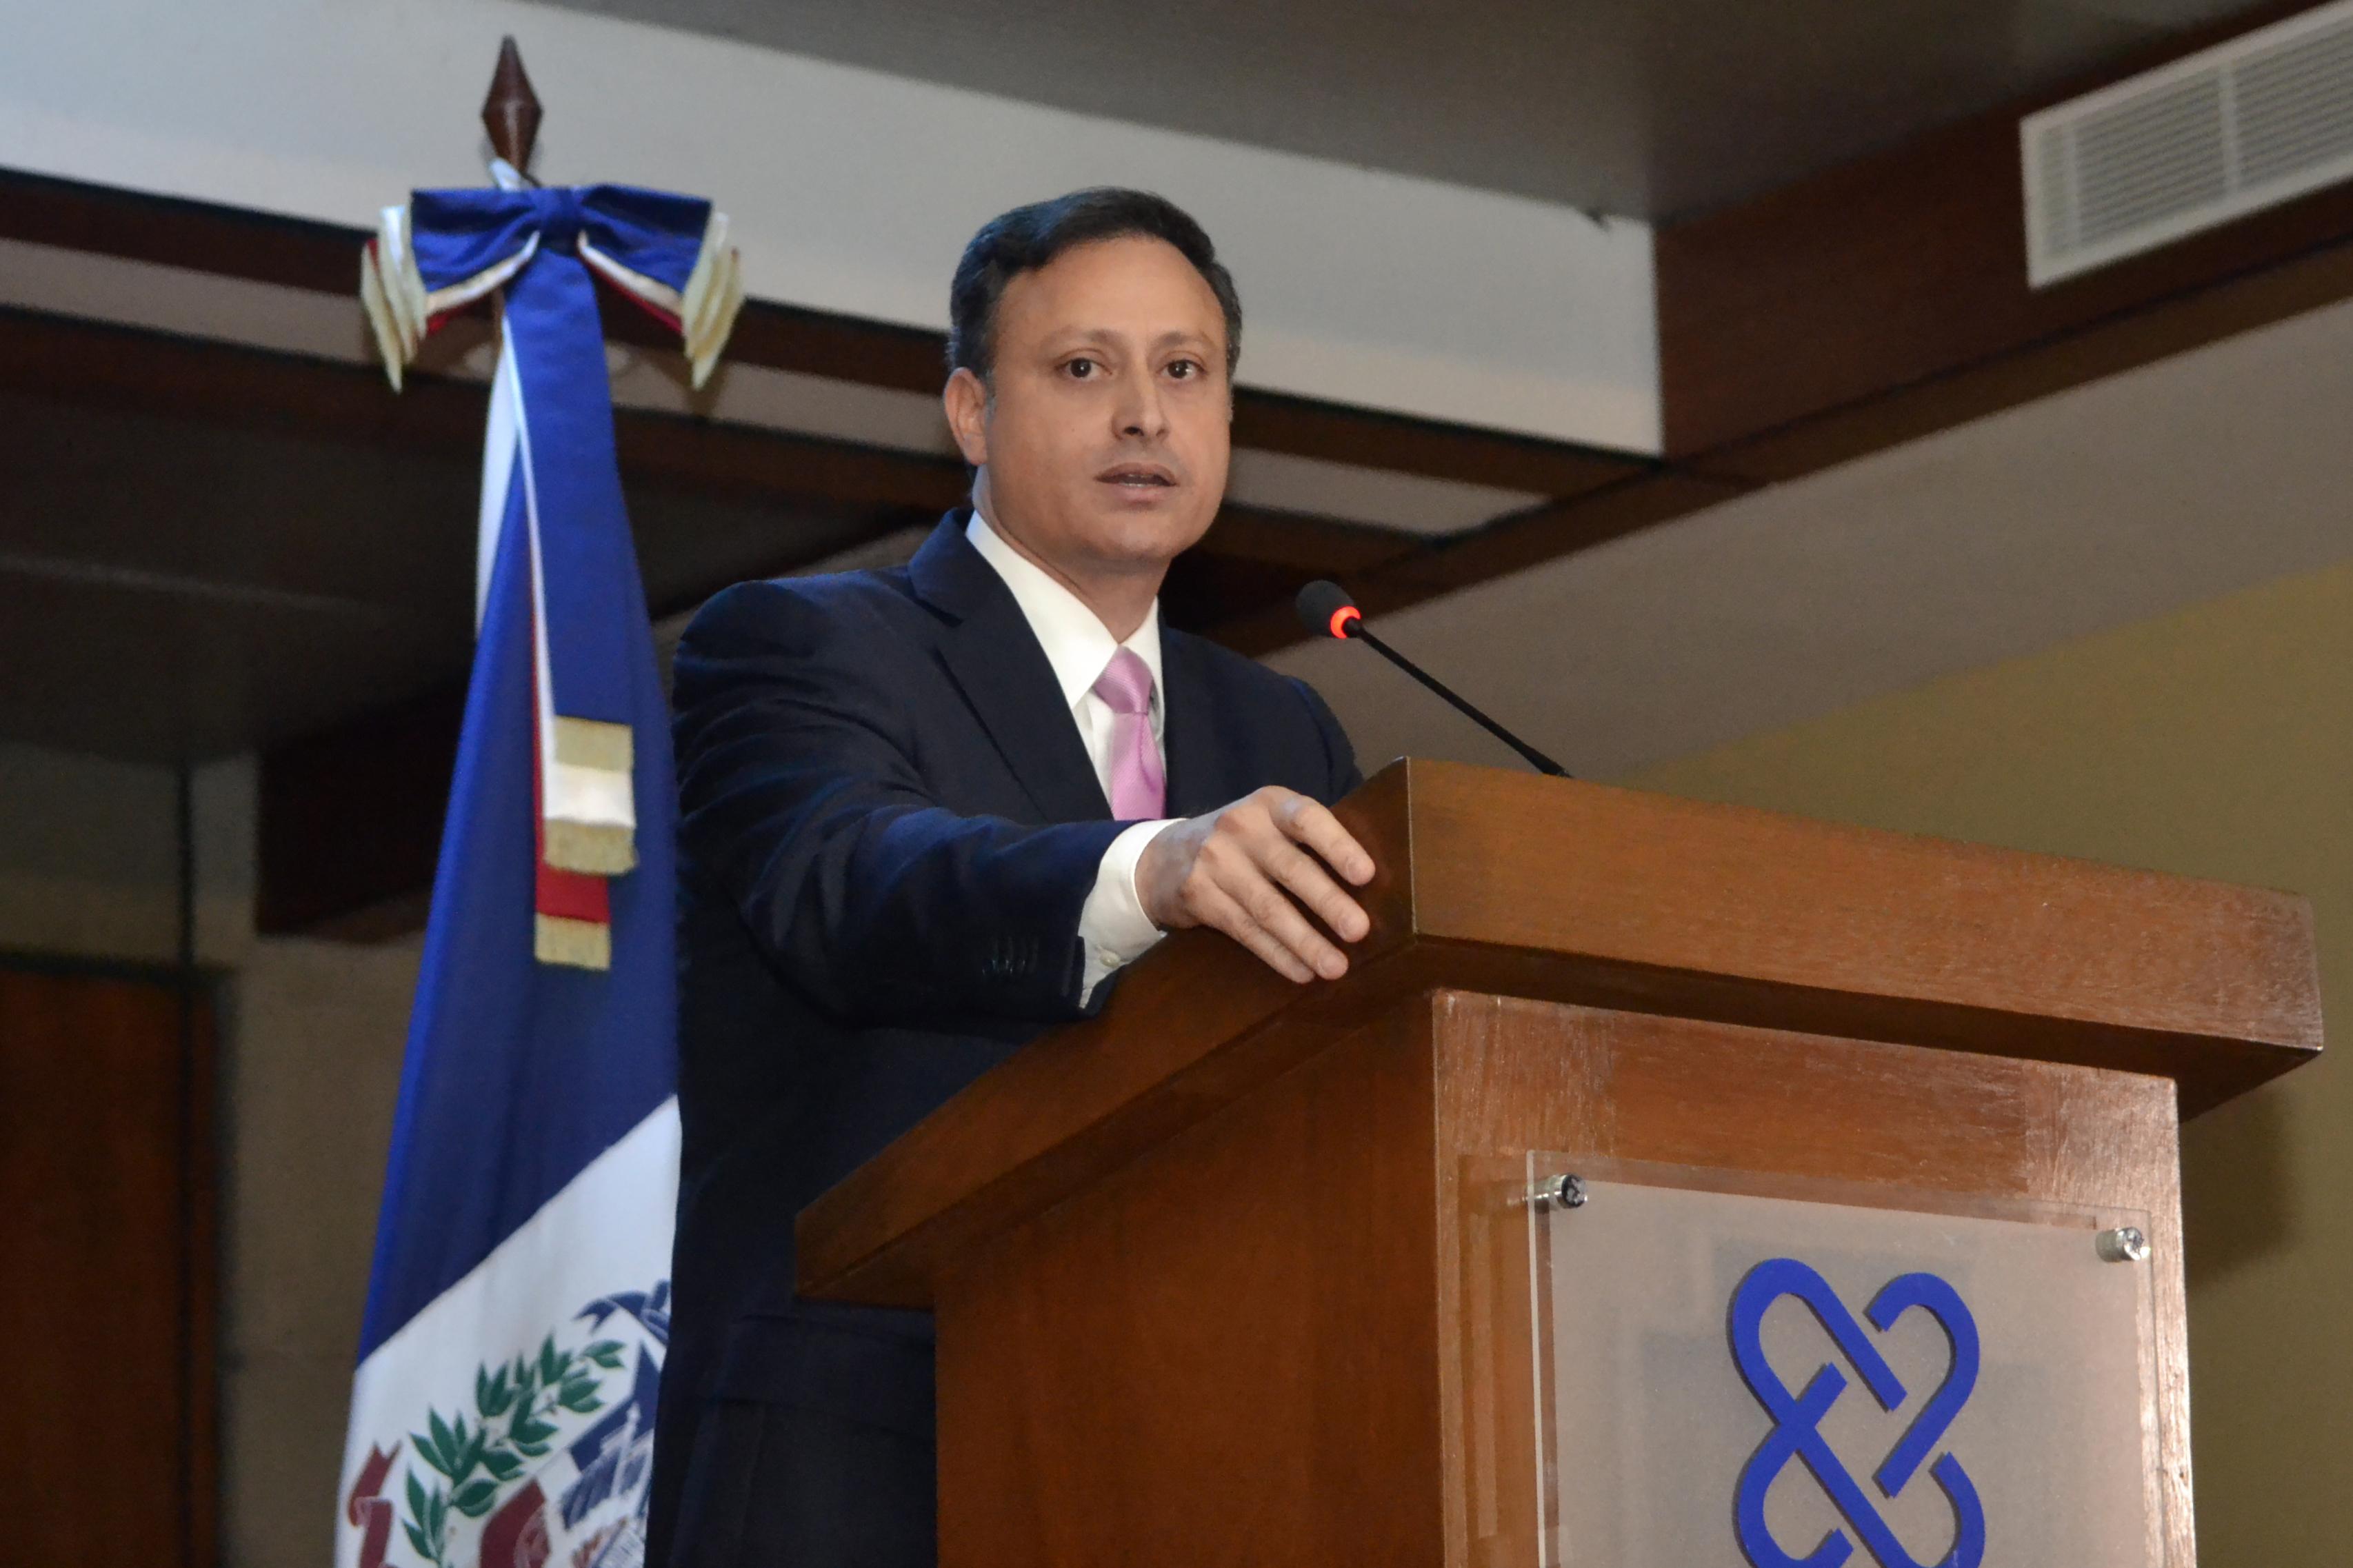 Procurador califica de funesta variación de coerción a Víctor Díaz Rúa y Ángel Rondón